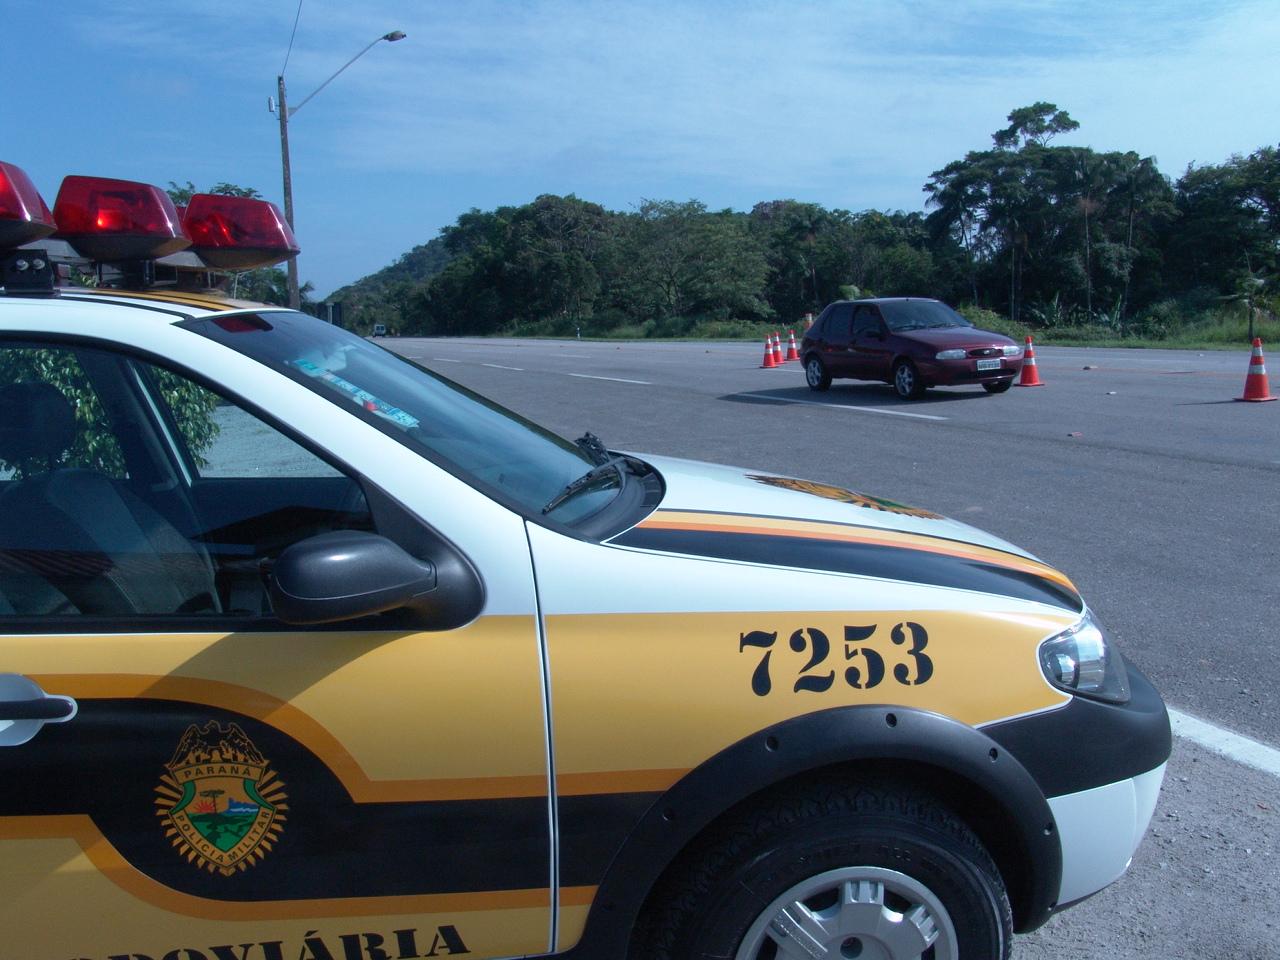 O número de acidentes cai 35% durante feriado de Corpus Christi